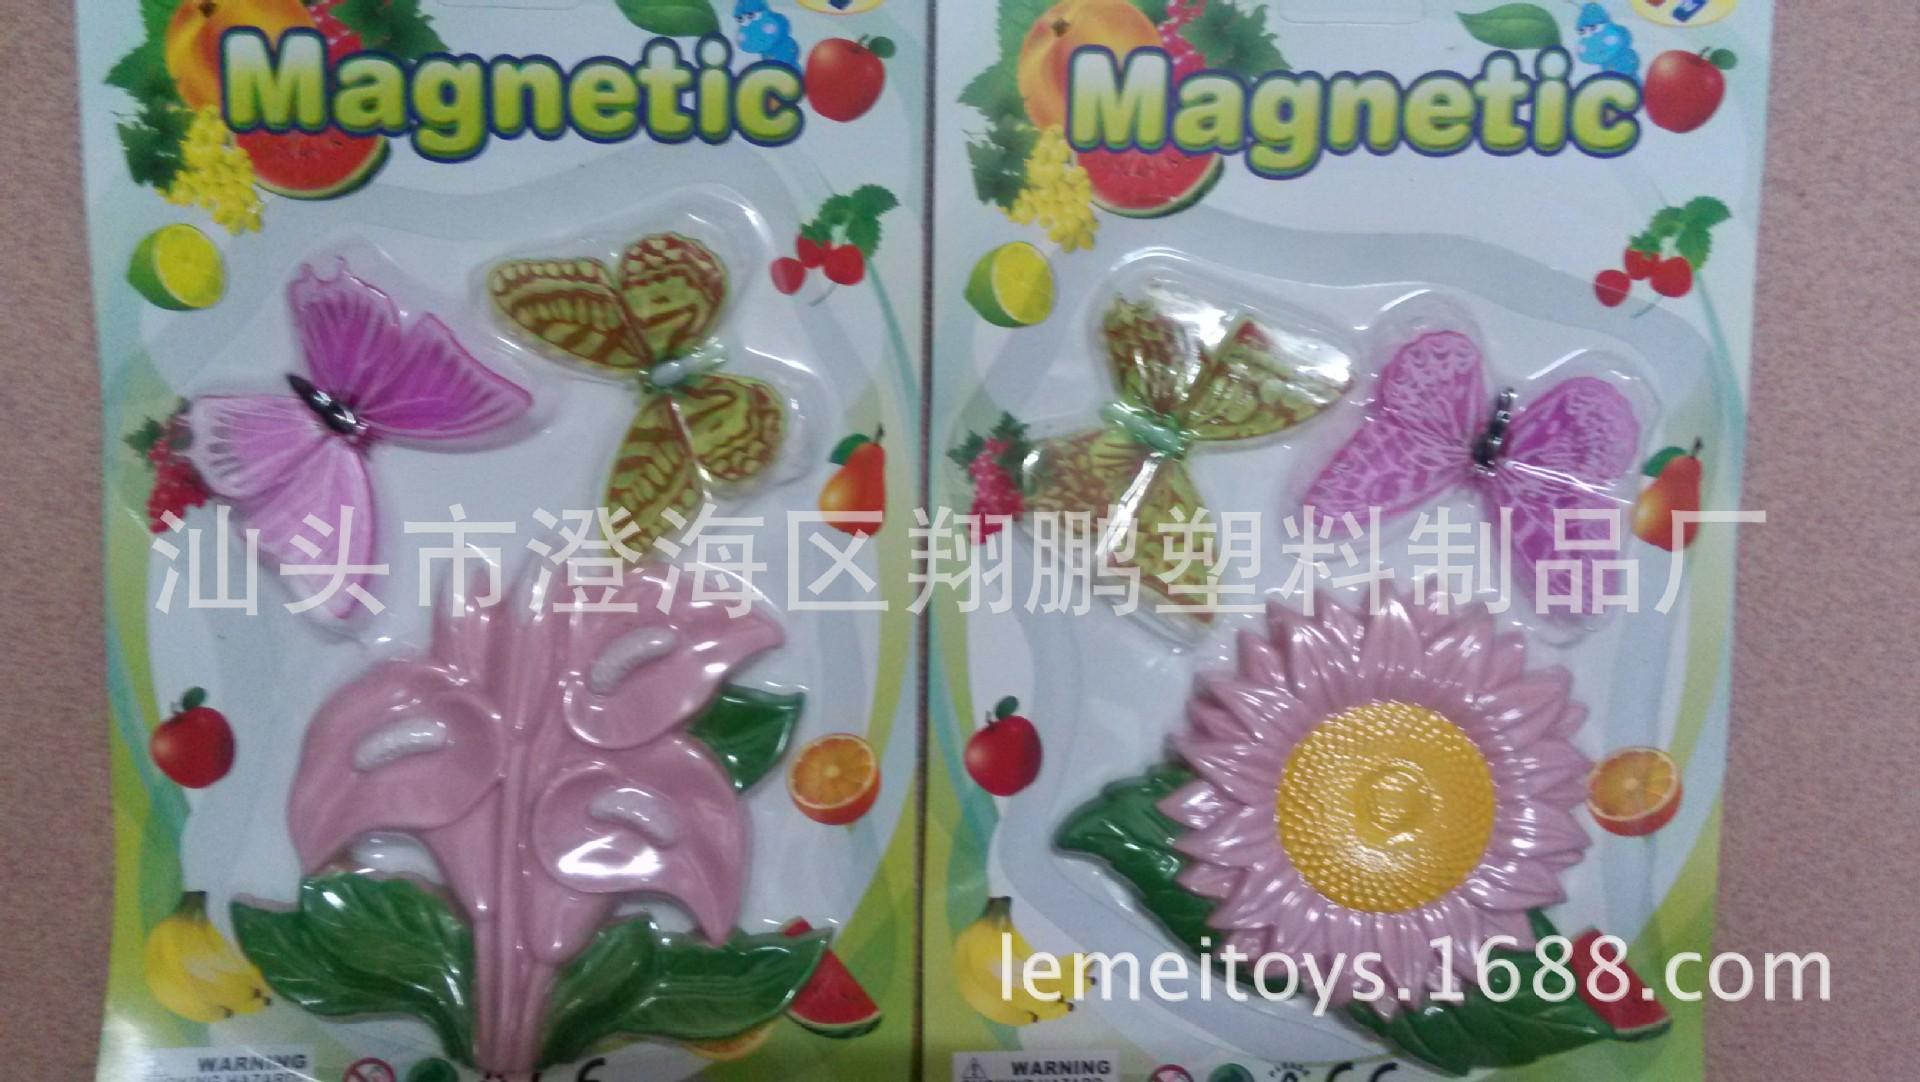 【乐美玩具】供应2132塑料磁吸 花 蝴蝶AB 冰箱贴磁贴